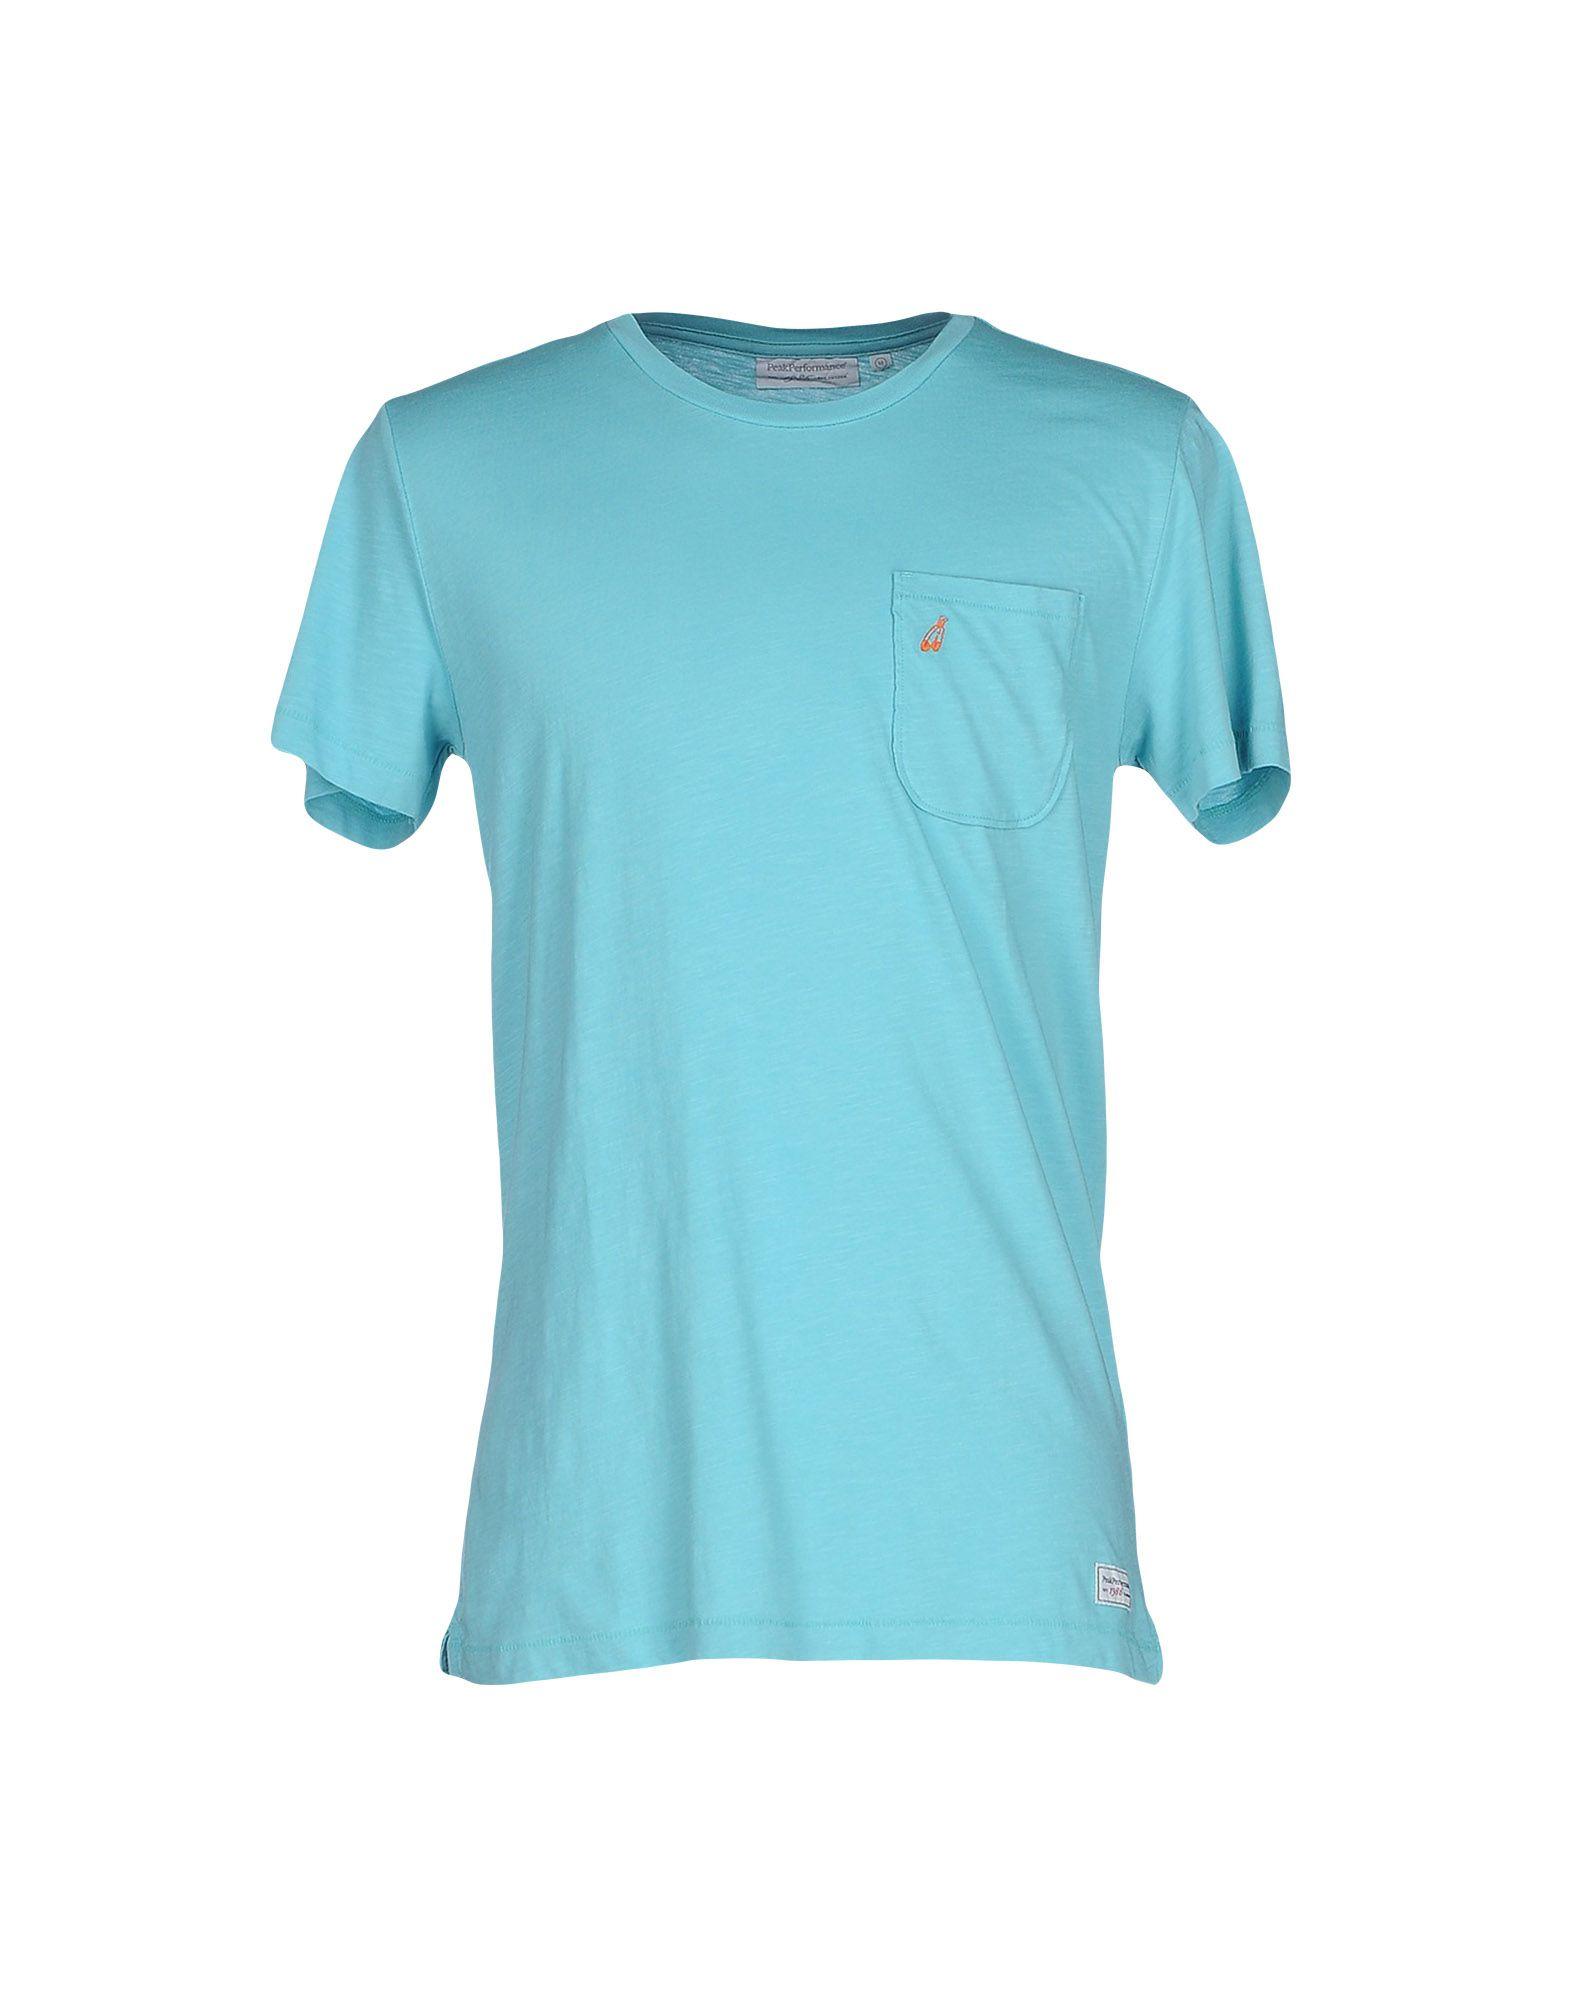 《送料無料》PEAK PERFORMANCE メンズ T シャツ ターコイズブルー S コットン 100%